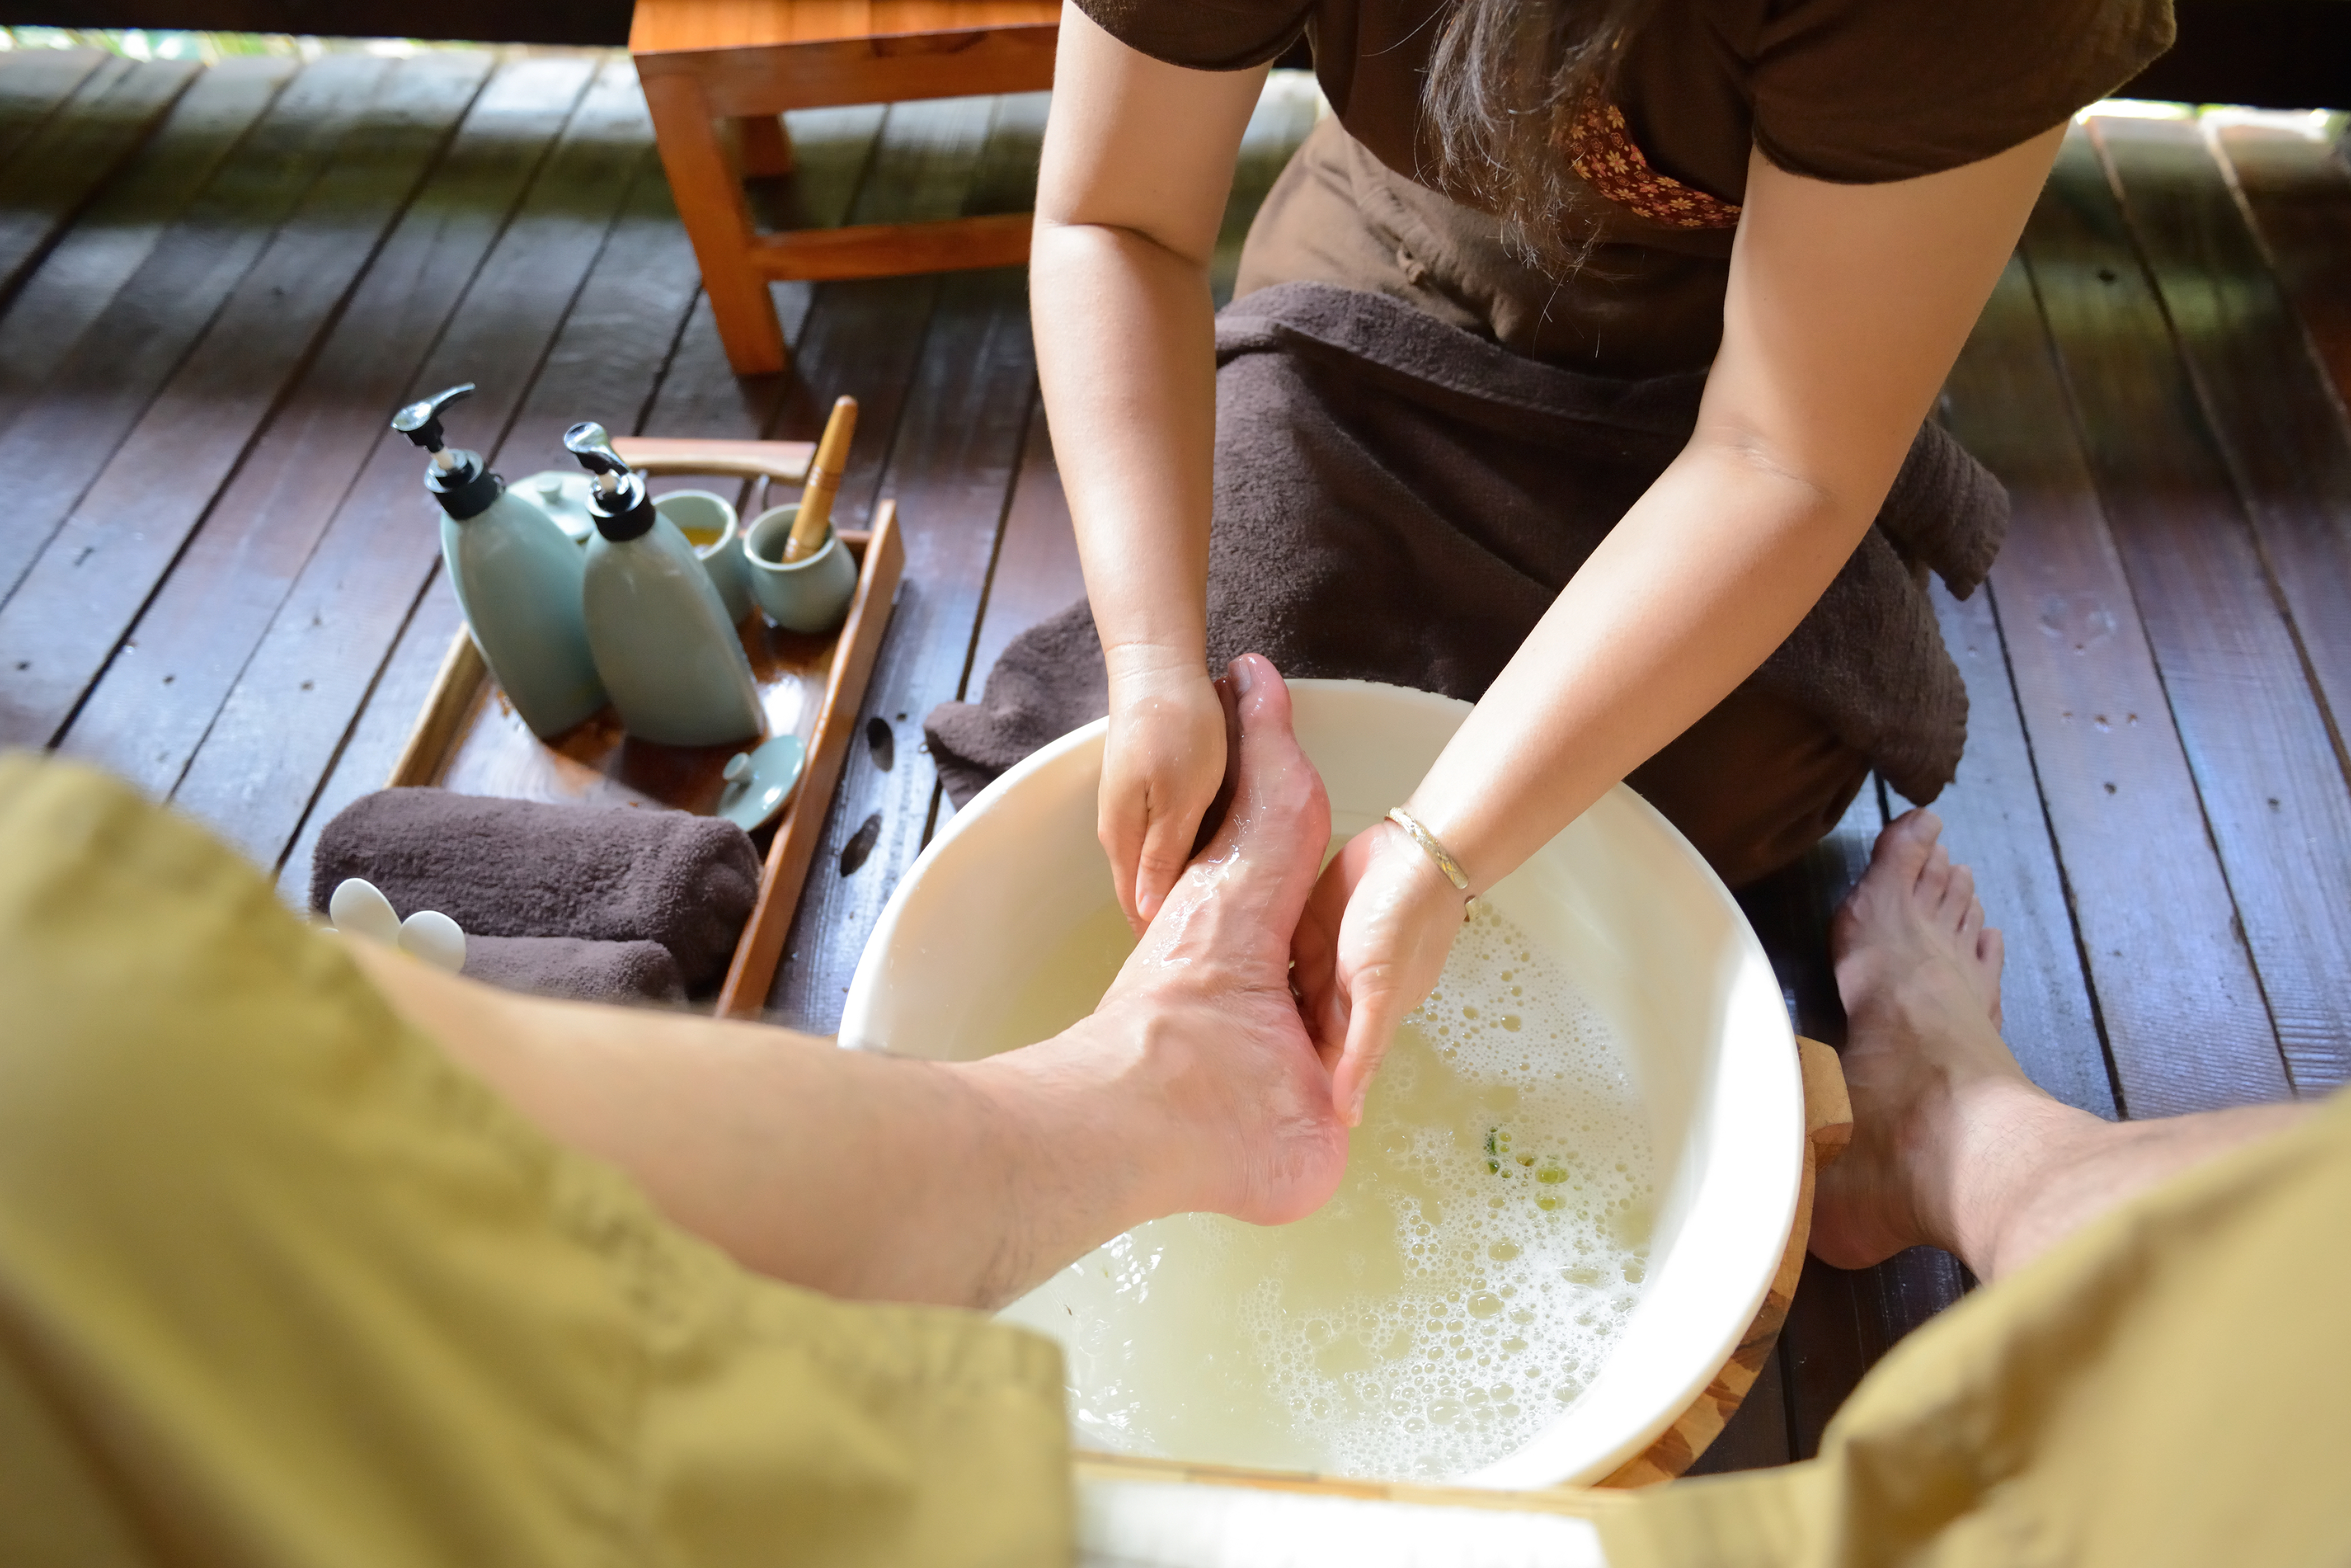 Deltagarna i studien kunde välja på fot- eller handmassage.